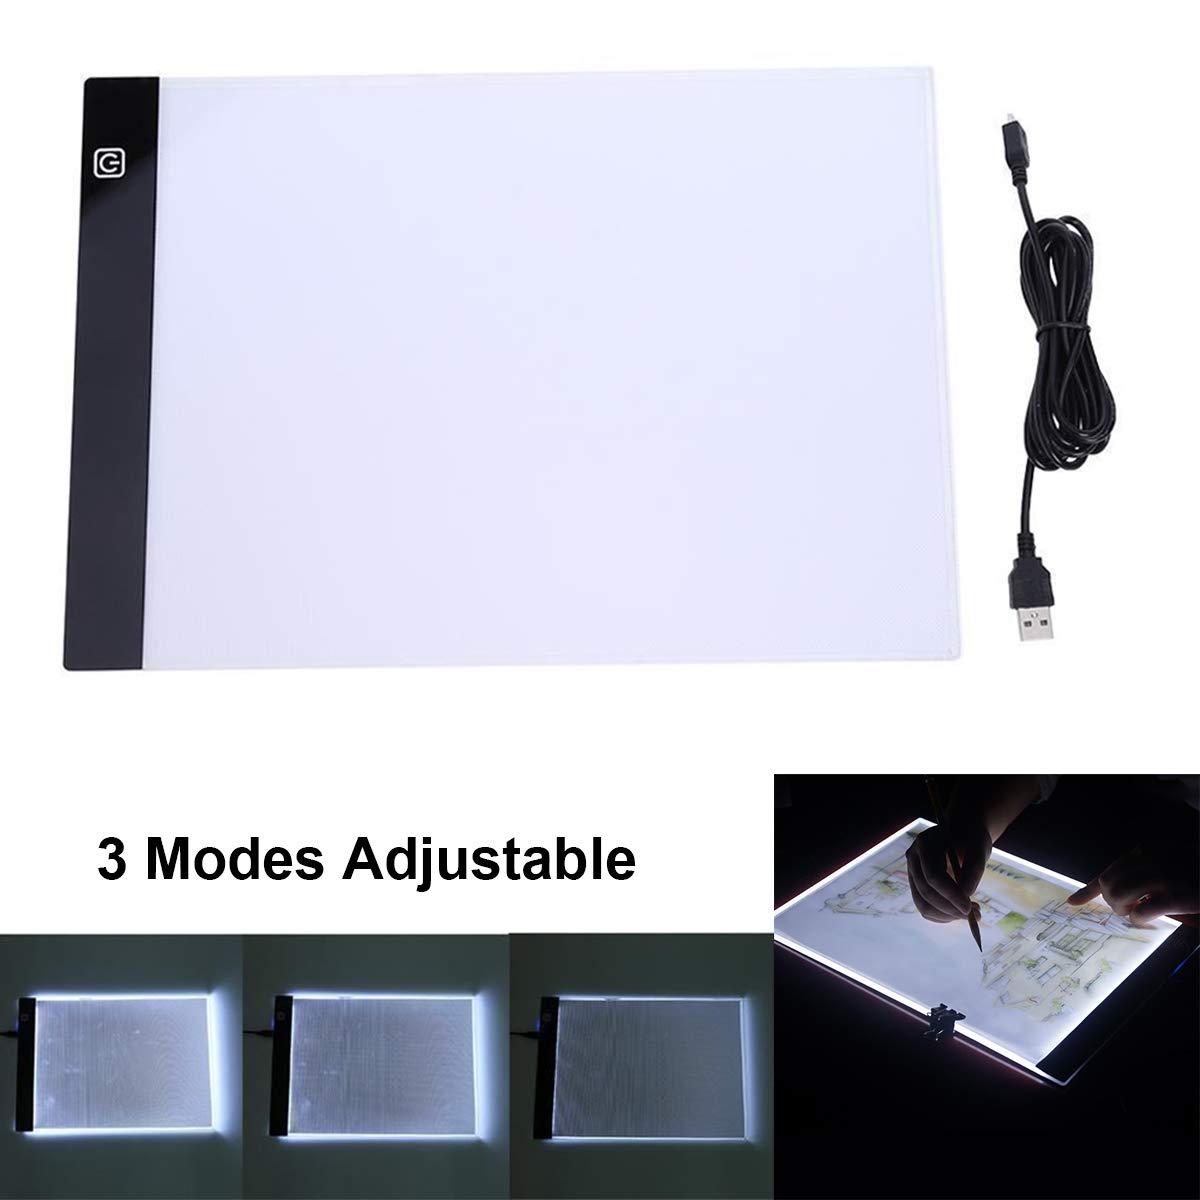 Evilandat A4 LED Tablette Lumineuse Luminosit/é R/églable avec C/âble USB Reprographie pour Croquis Architecture Calligraphie